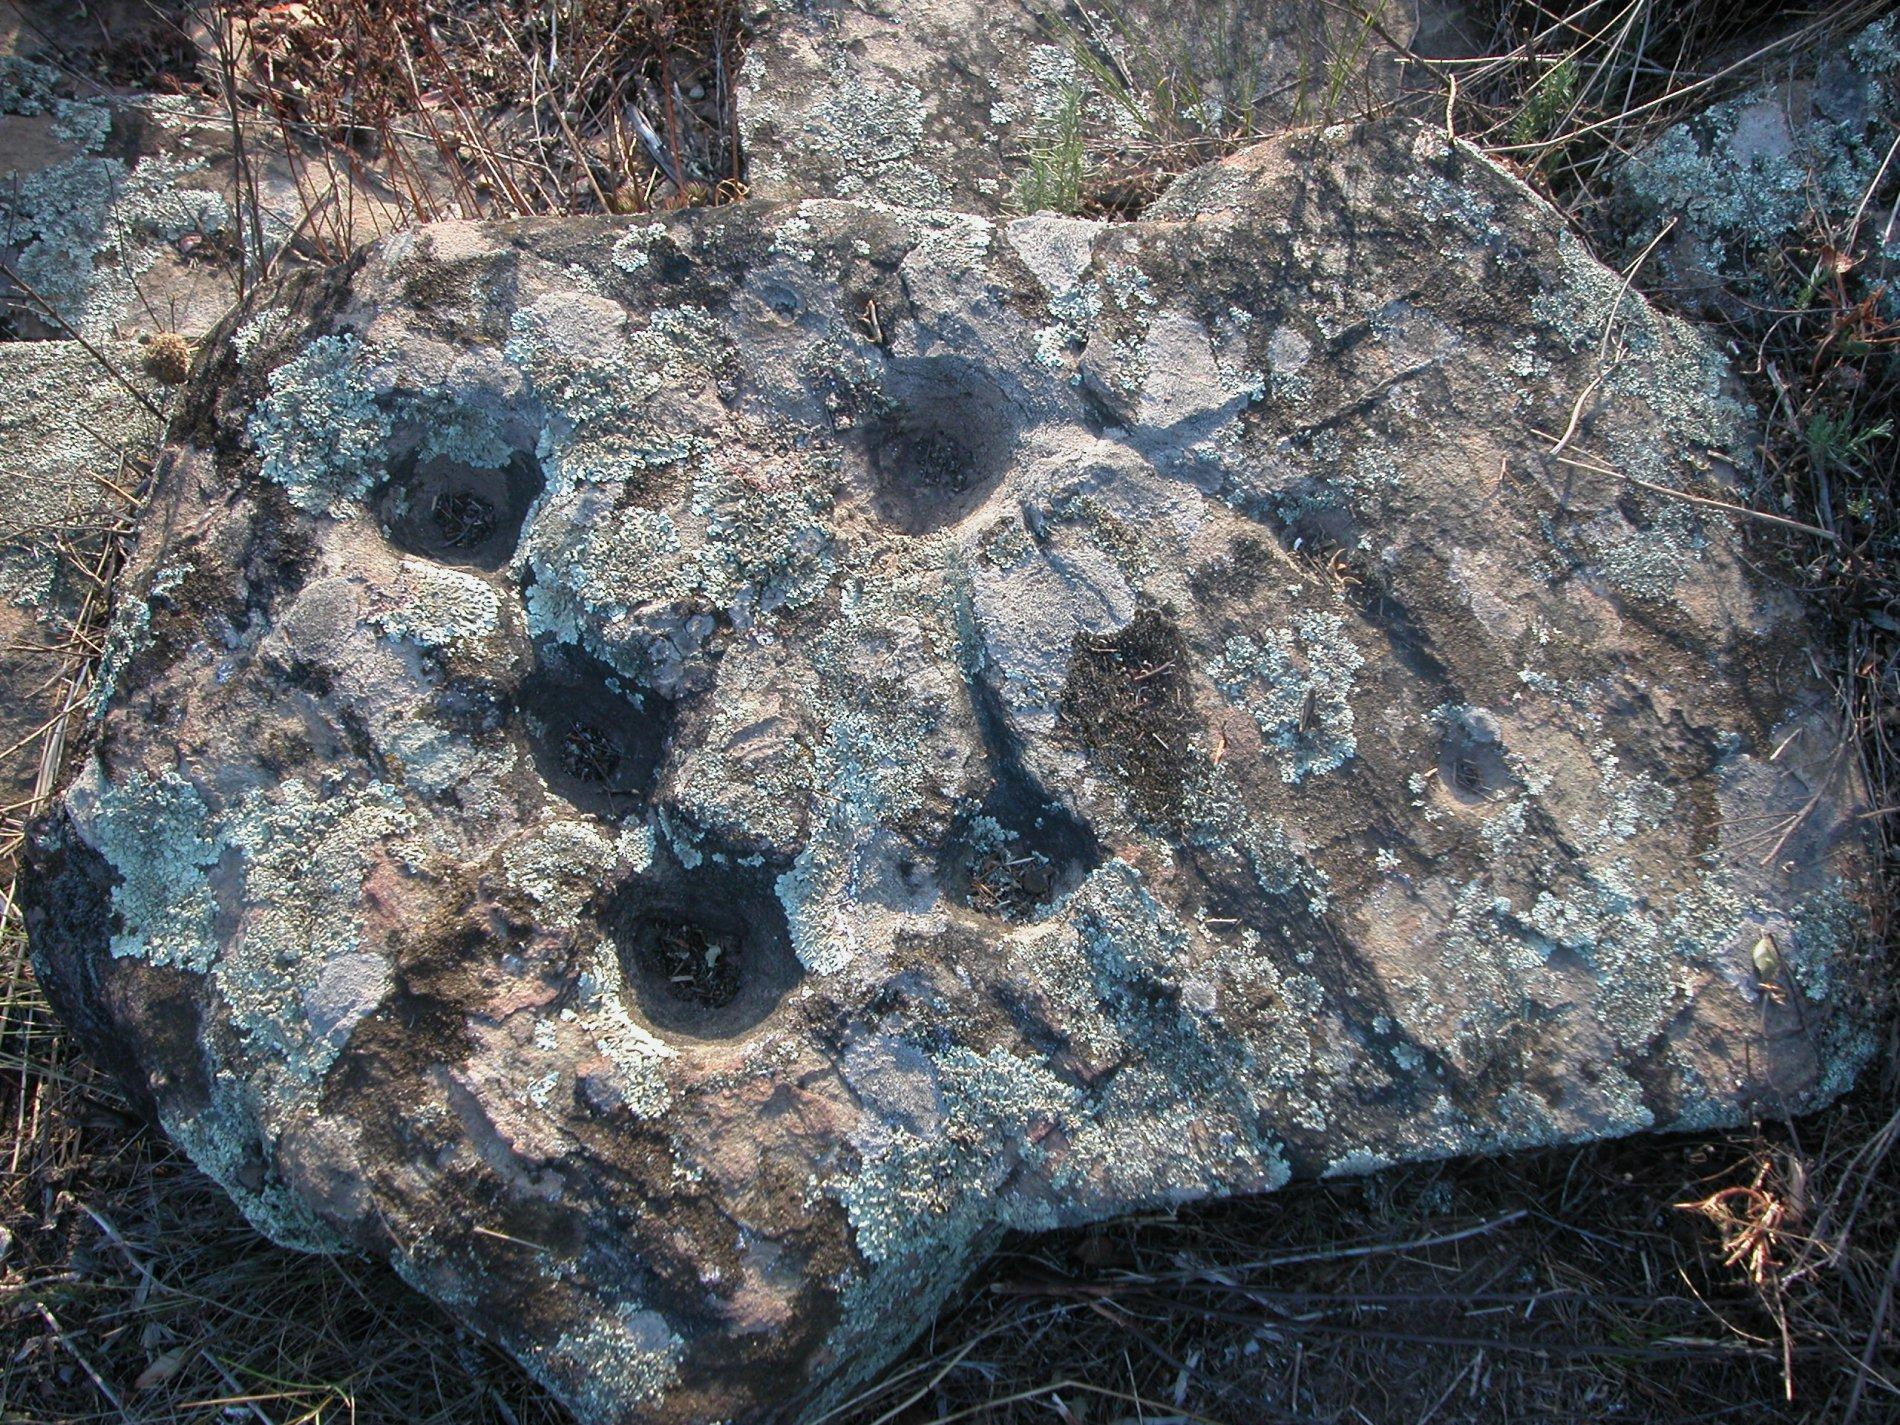 La imatge ens mostra un conjunt de cassoletes gravades a la roca i unides entre elles per reguerons. Aquesta llosa es troba a les immediacions del dolmen del Doctor Pericot i es creu que serien també de cronologia prehistòrica. La seva funció encara no es sap amb certesa: hi ha qui diu que es per fer rituals al voltant de l'àrea sagrada, hi ha qui diu que son marques territorials o inclús mapes.